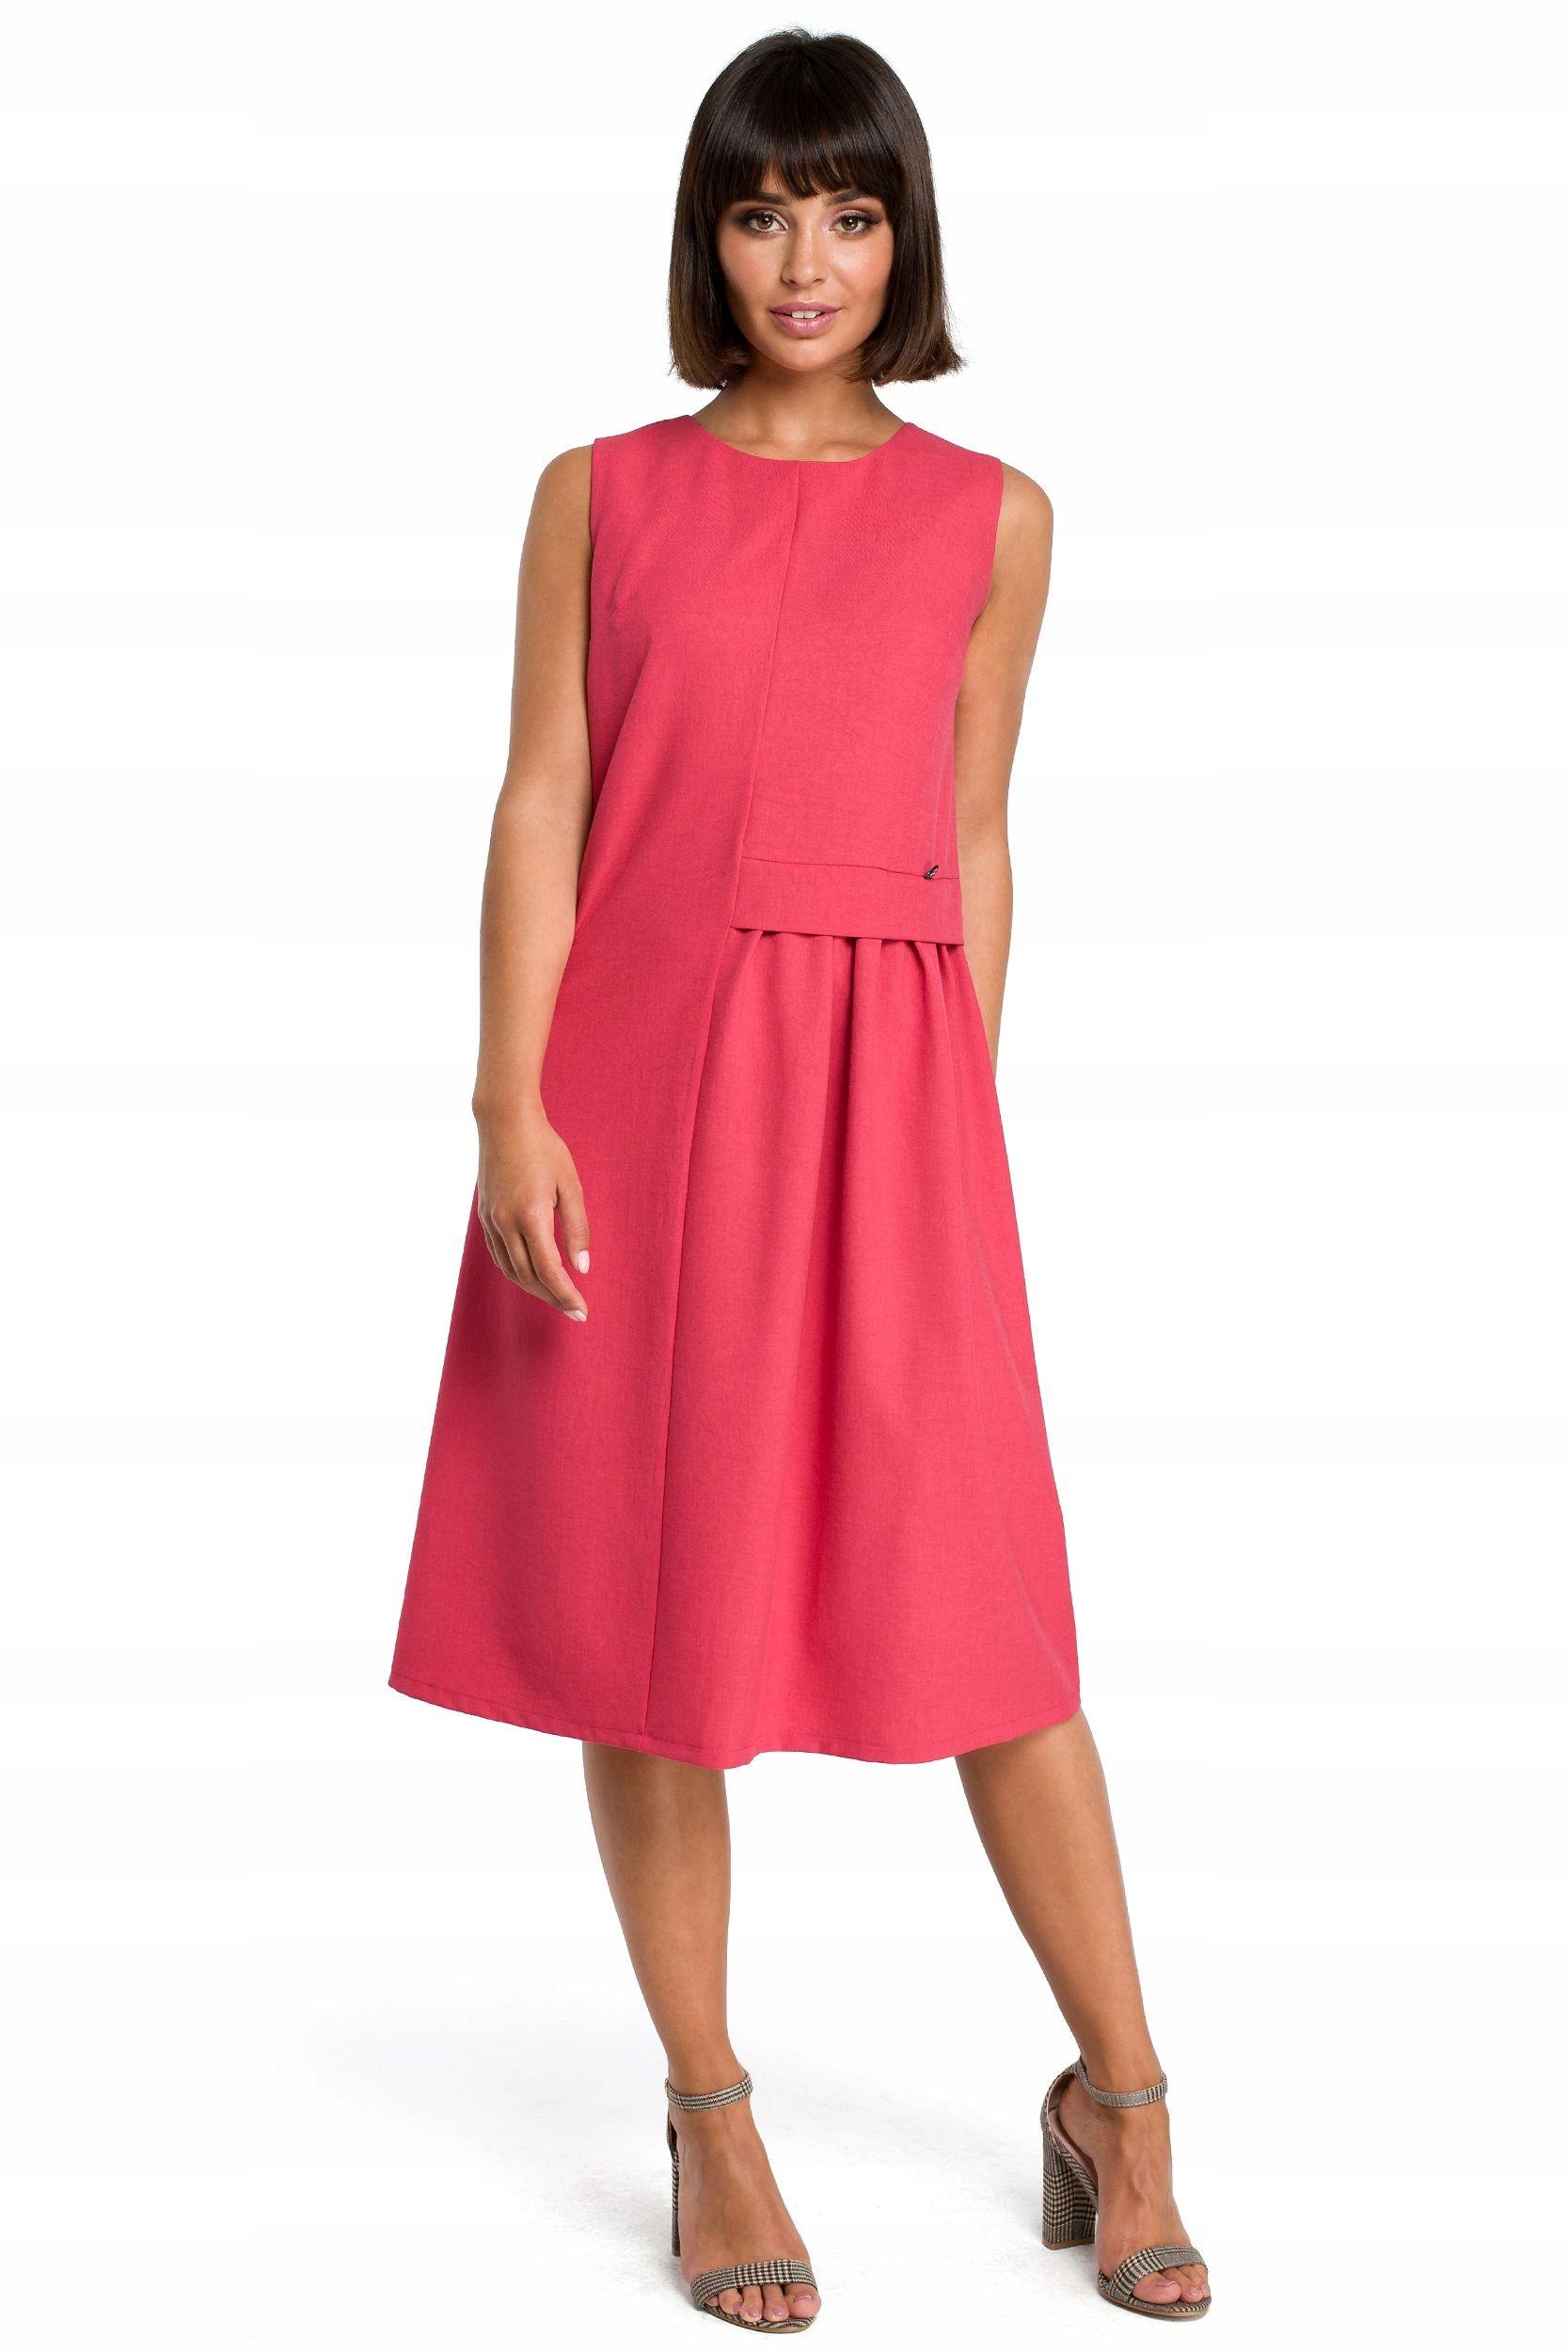 B080 Zwiewna sukienka midi bez rękawów - różowa 42